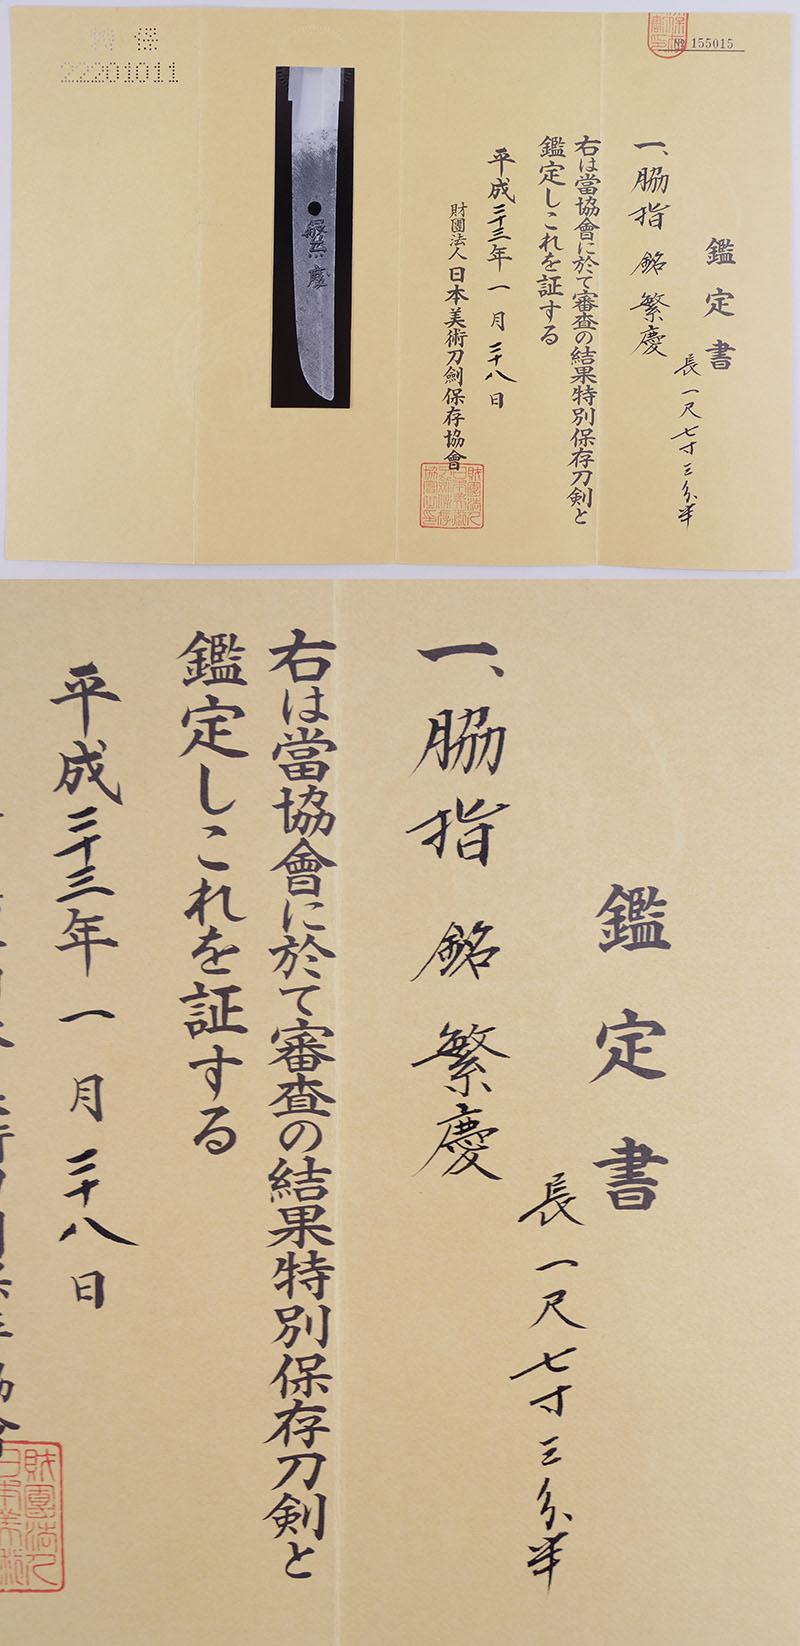 繁慶 Picture of Certificate